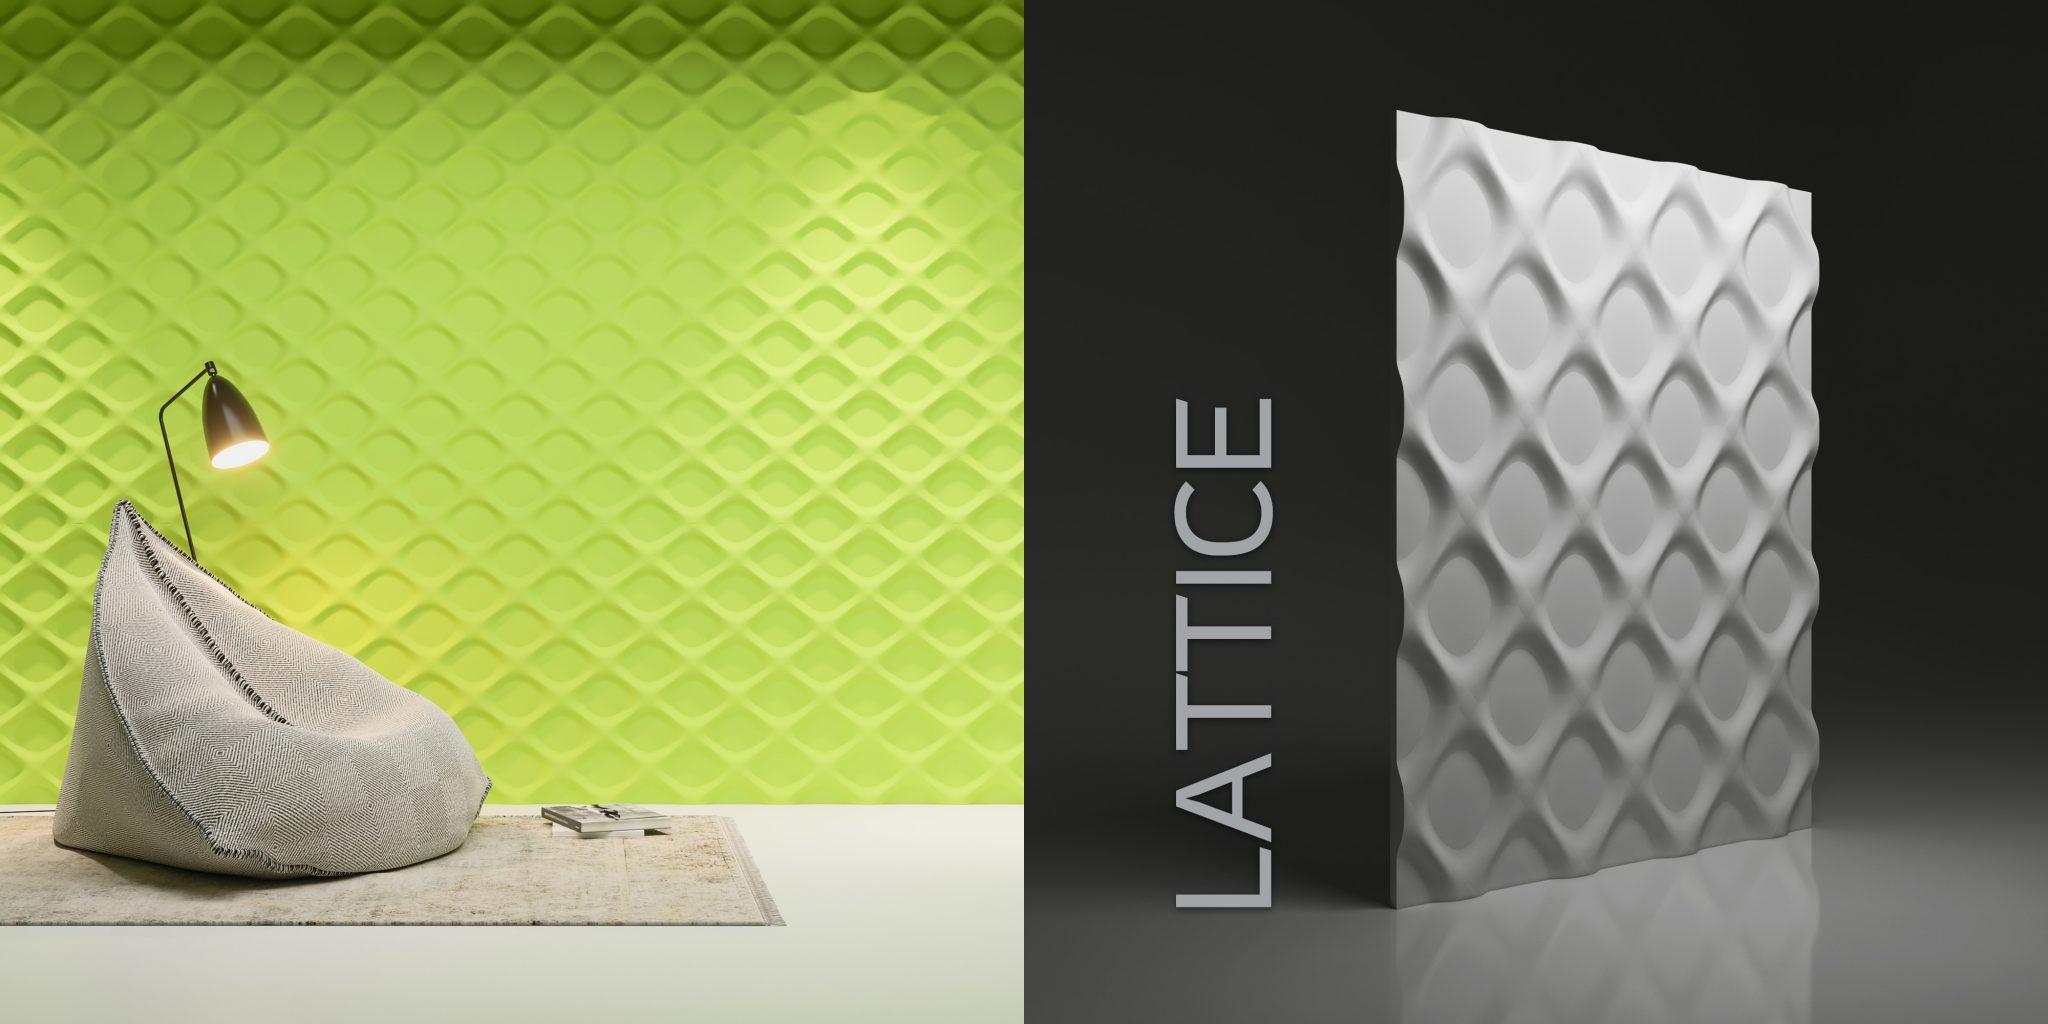 Wzór Lattice - wizualizacja katalogowa + render